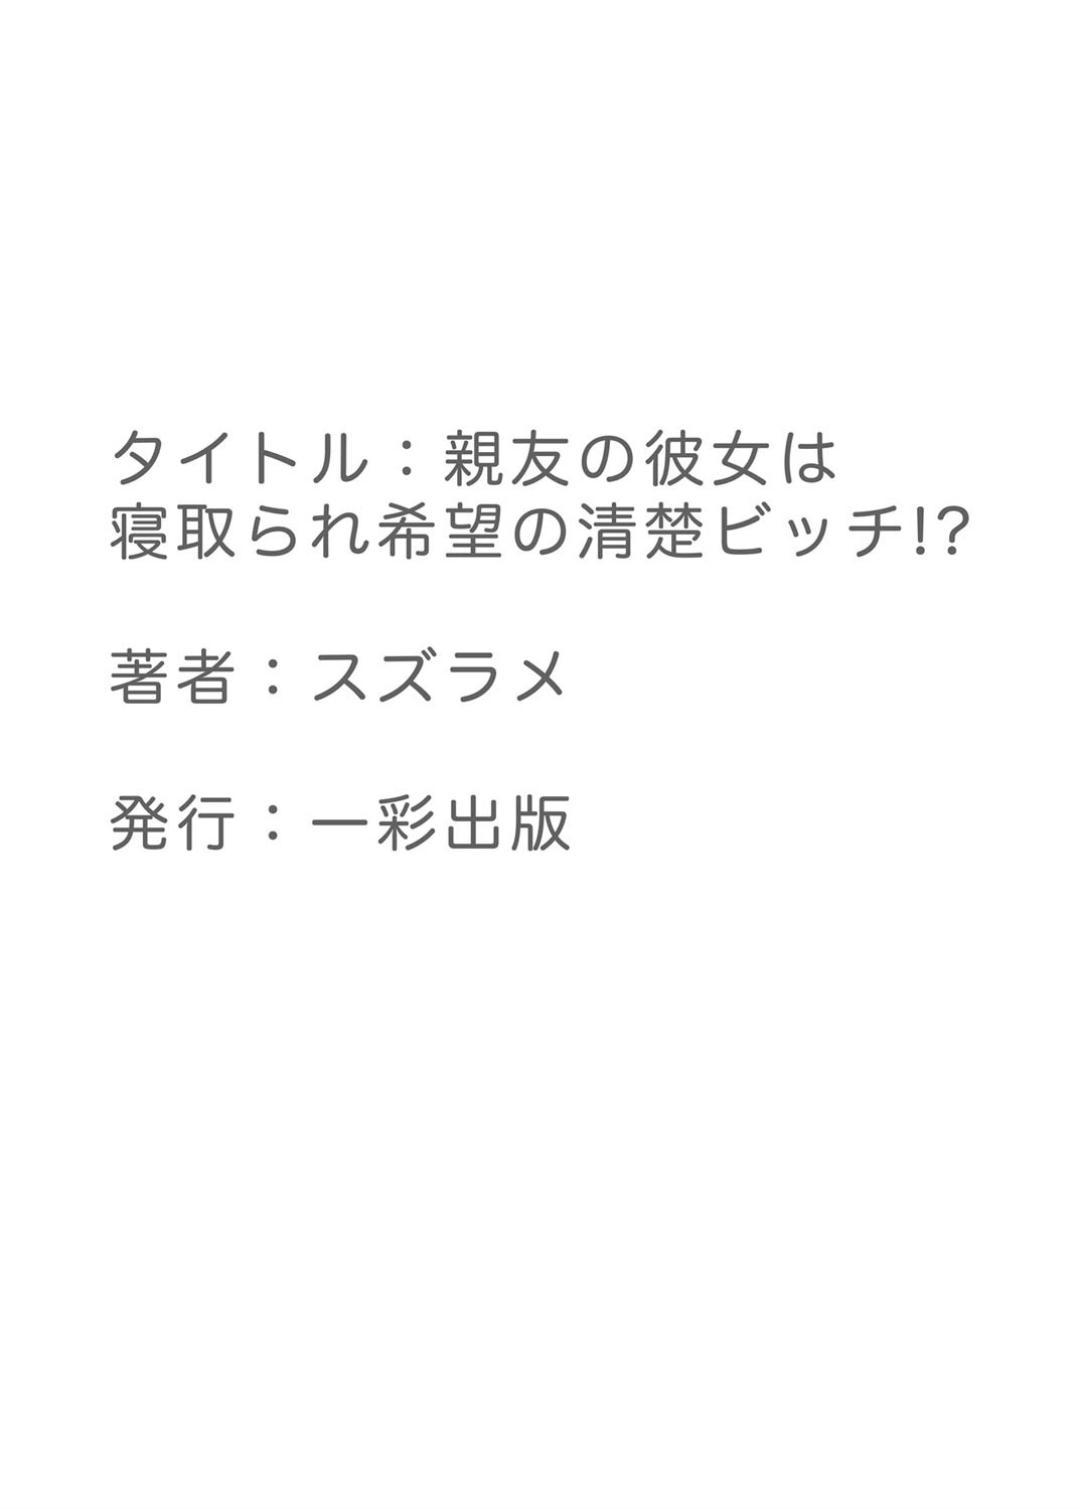 Shinyu no kanojo wa netorare kibo no seiso bitch!? 36